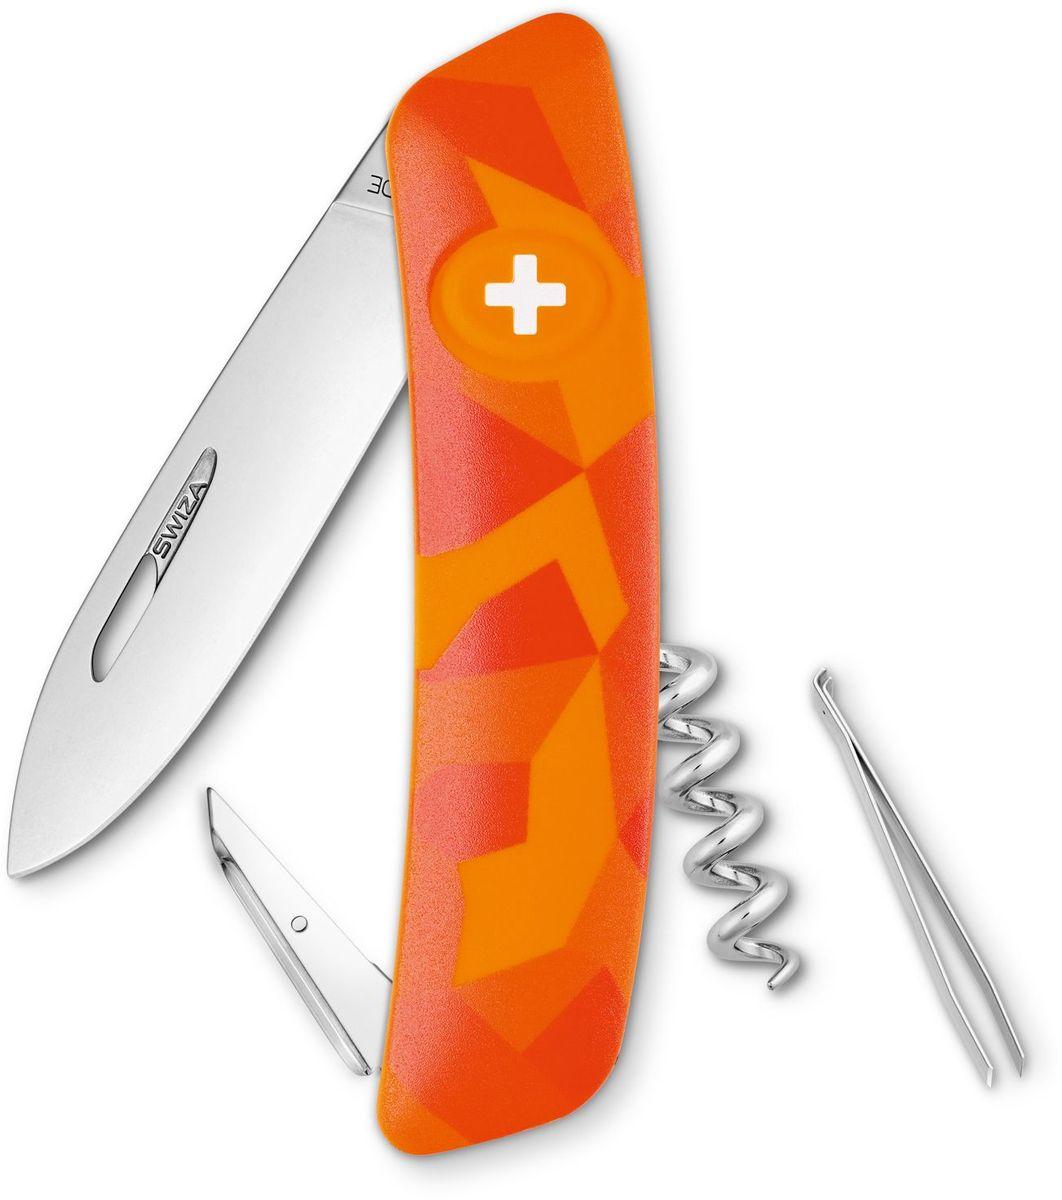 Нож швейцарский SWIZA C01, цвет: оранжевый, длина клинка 7,5 см1.3603.T Швейцарский нож (SWIZA С01) с его революционной формой и безопасной рукояткой, легко раскладываемой ручкой - самый удобный и простой в использовании швейцарский нож на все времена. Эргономично изогнутая форма ножа обеспечивает более легкий доступ к инструментам, а пазы позволяют легко их открывать, как левой, так и правой рукой. Пожизненная гаратния на ножи SWIZA обеспечивают долговременное использование1. нож перочинный ,2. штопор, 3. ример/дырокол4. шило, 5. безопасная блокировка лезвий,6. пинцет